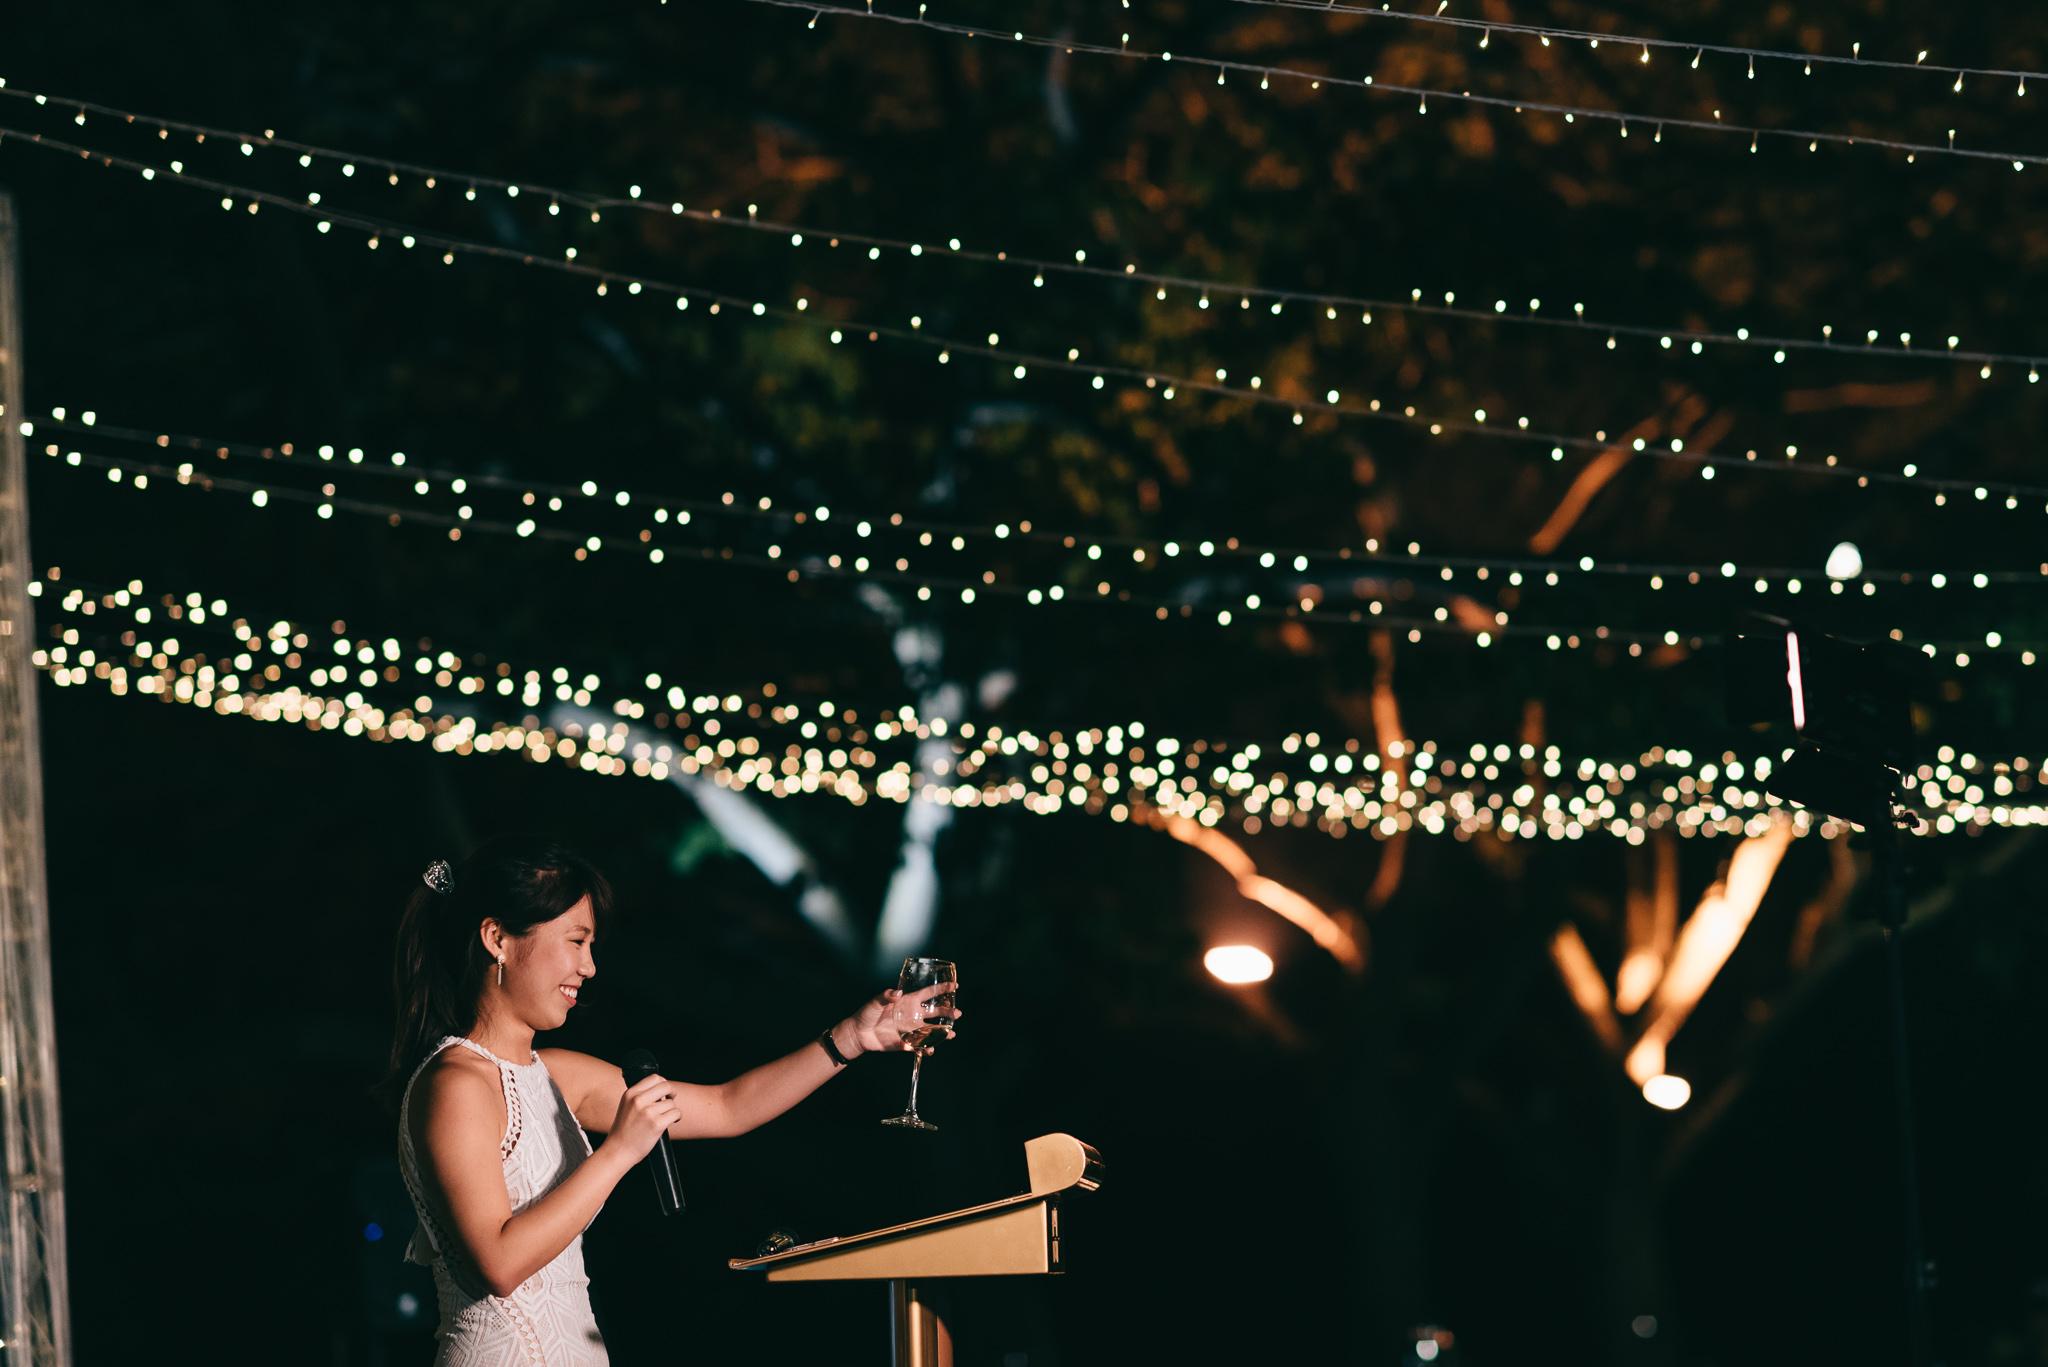 Lionel & Karen Wedding Day Highlights (resized for sharing) - 192.jpg